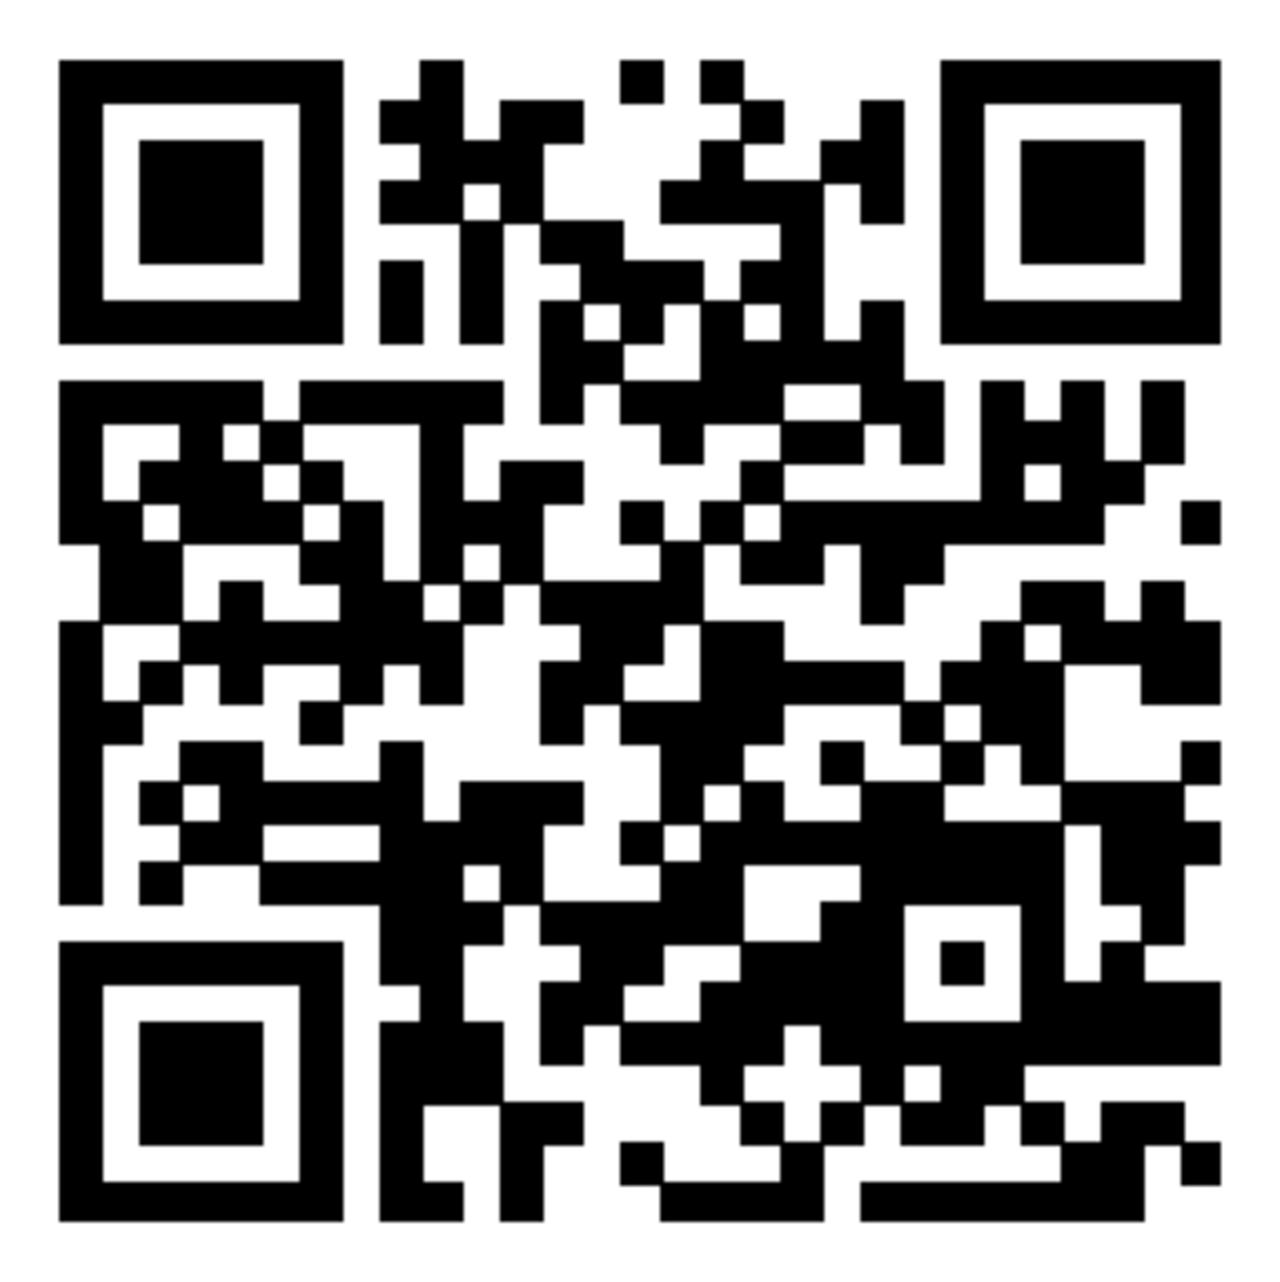 Escanea el Código QR para ver un ejemplo de nuestro servicio de menú digital o visita la siguiente liga http://cartas.horecaqr.com/c/mexico